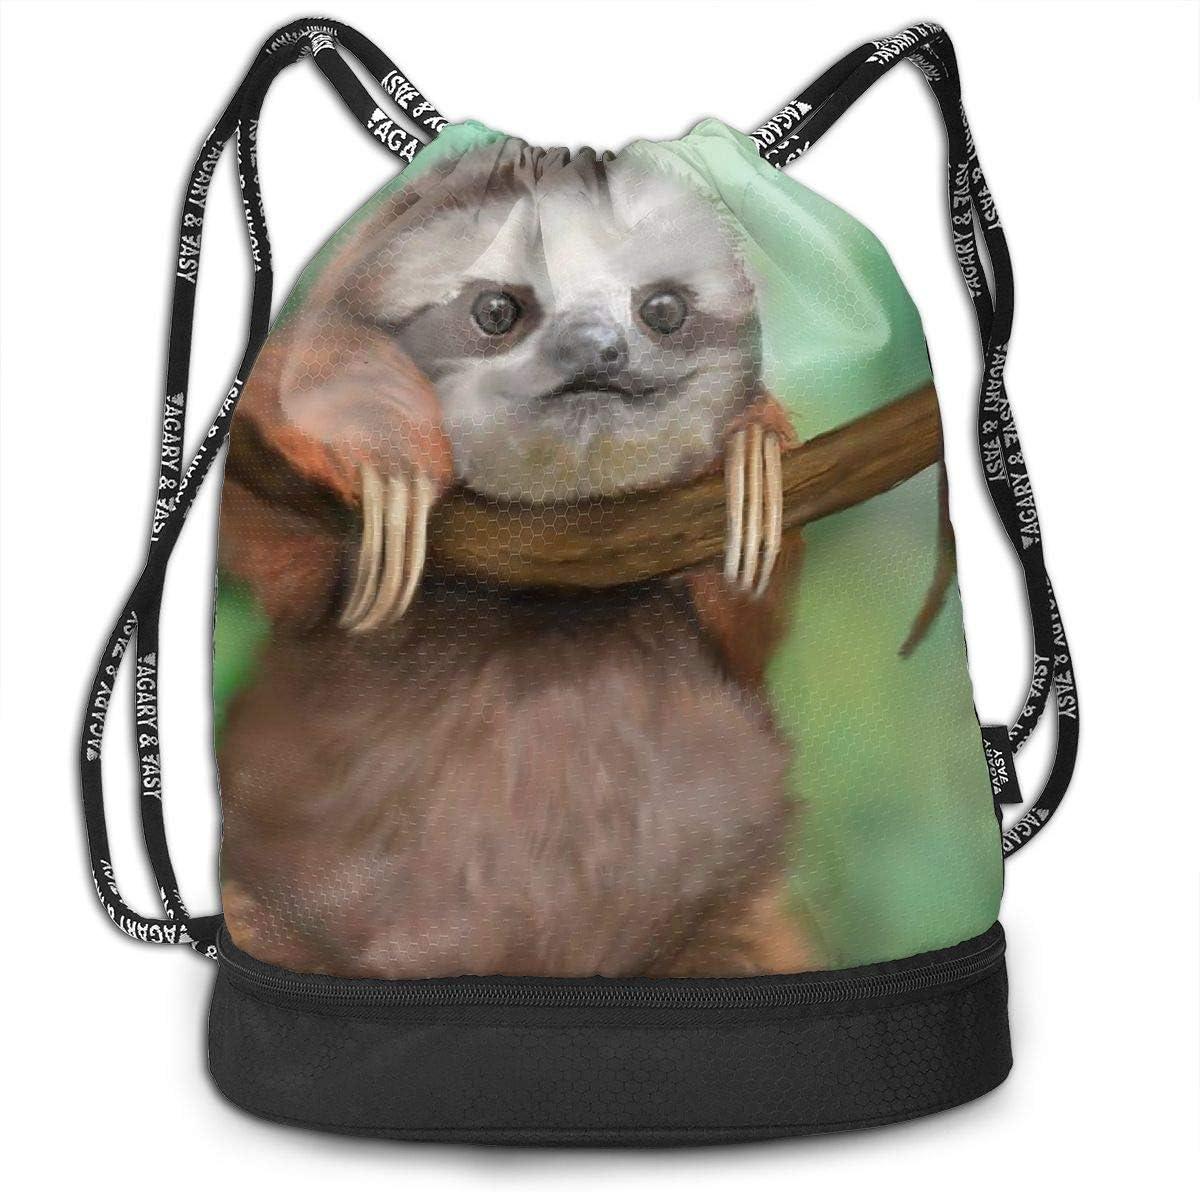 GymSack Drawstring Bag Sackpack Baby Sloth Sport Cinch Pack Simple Bundle Pocke Backpack For Men Women